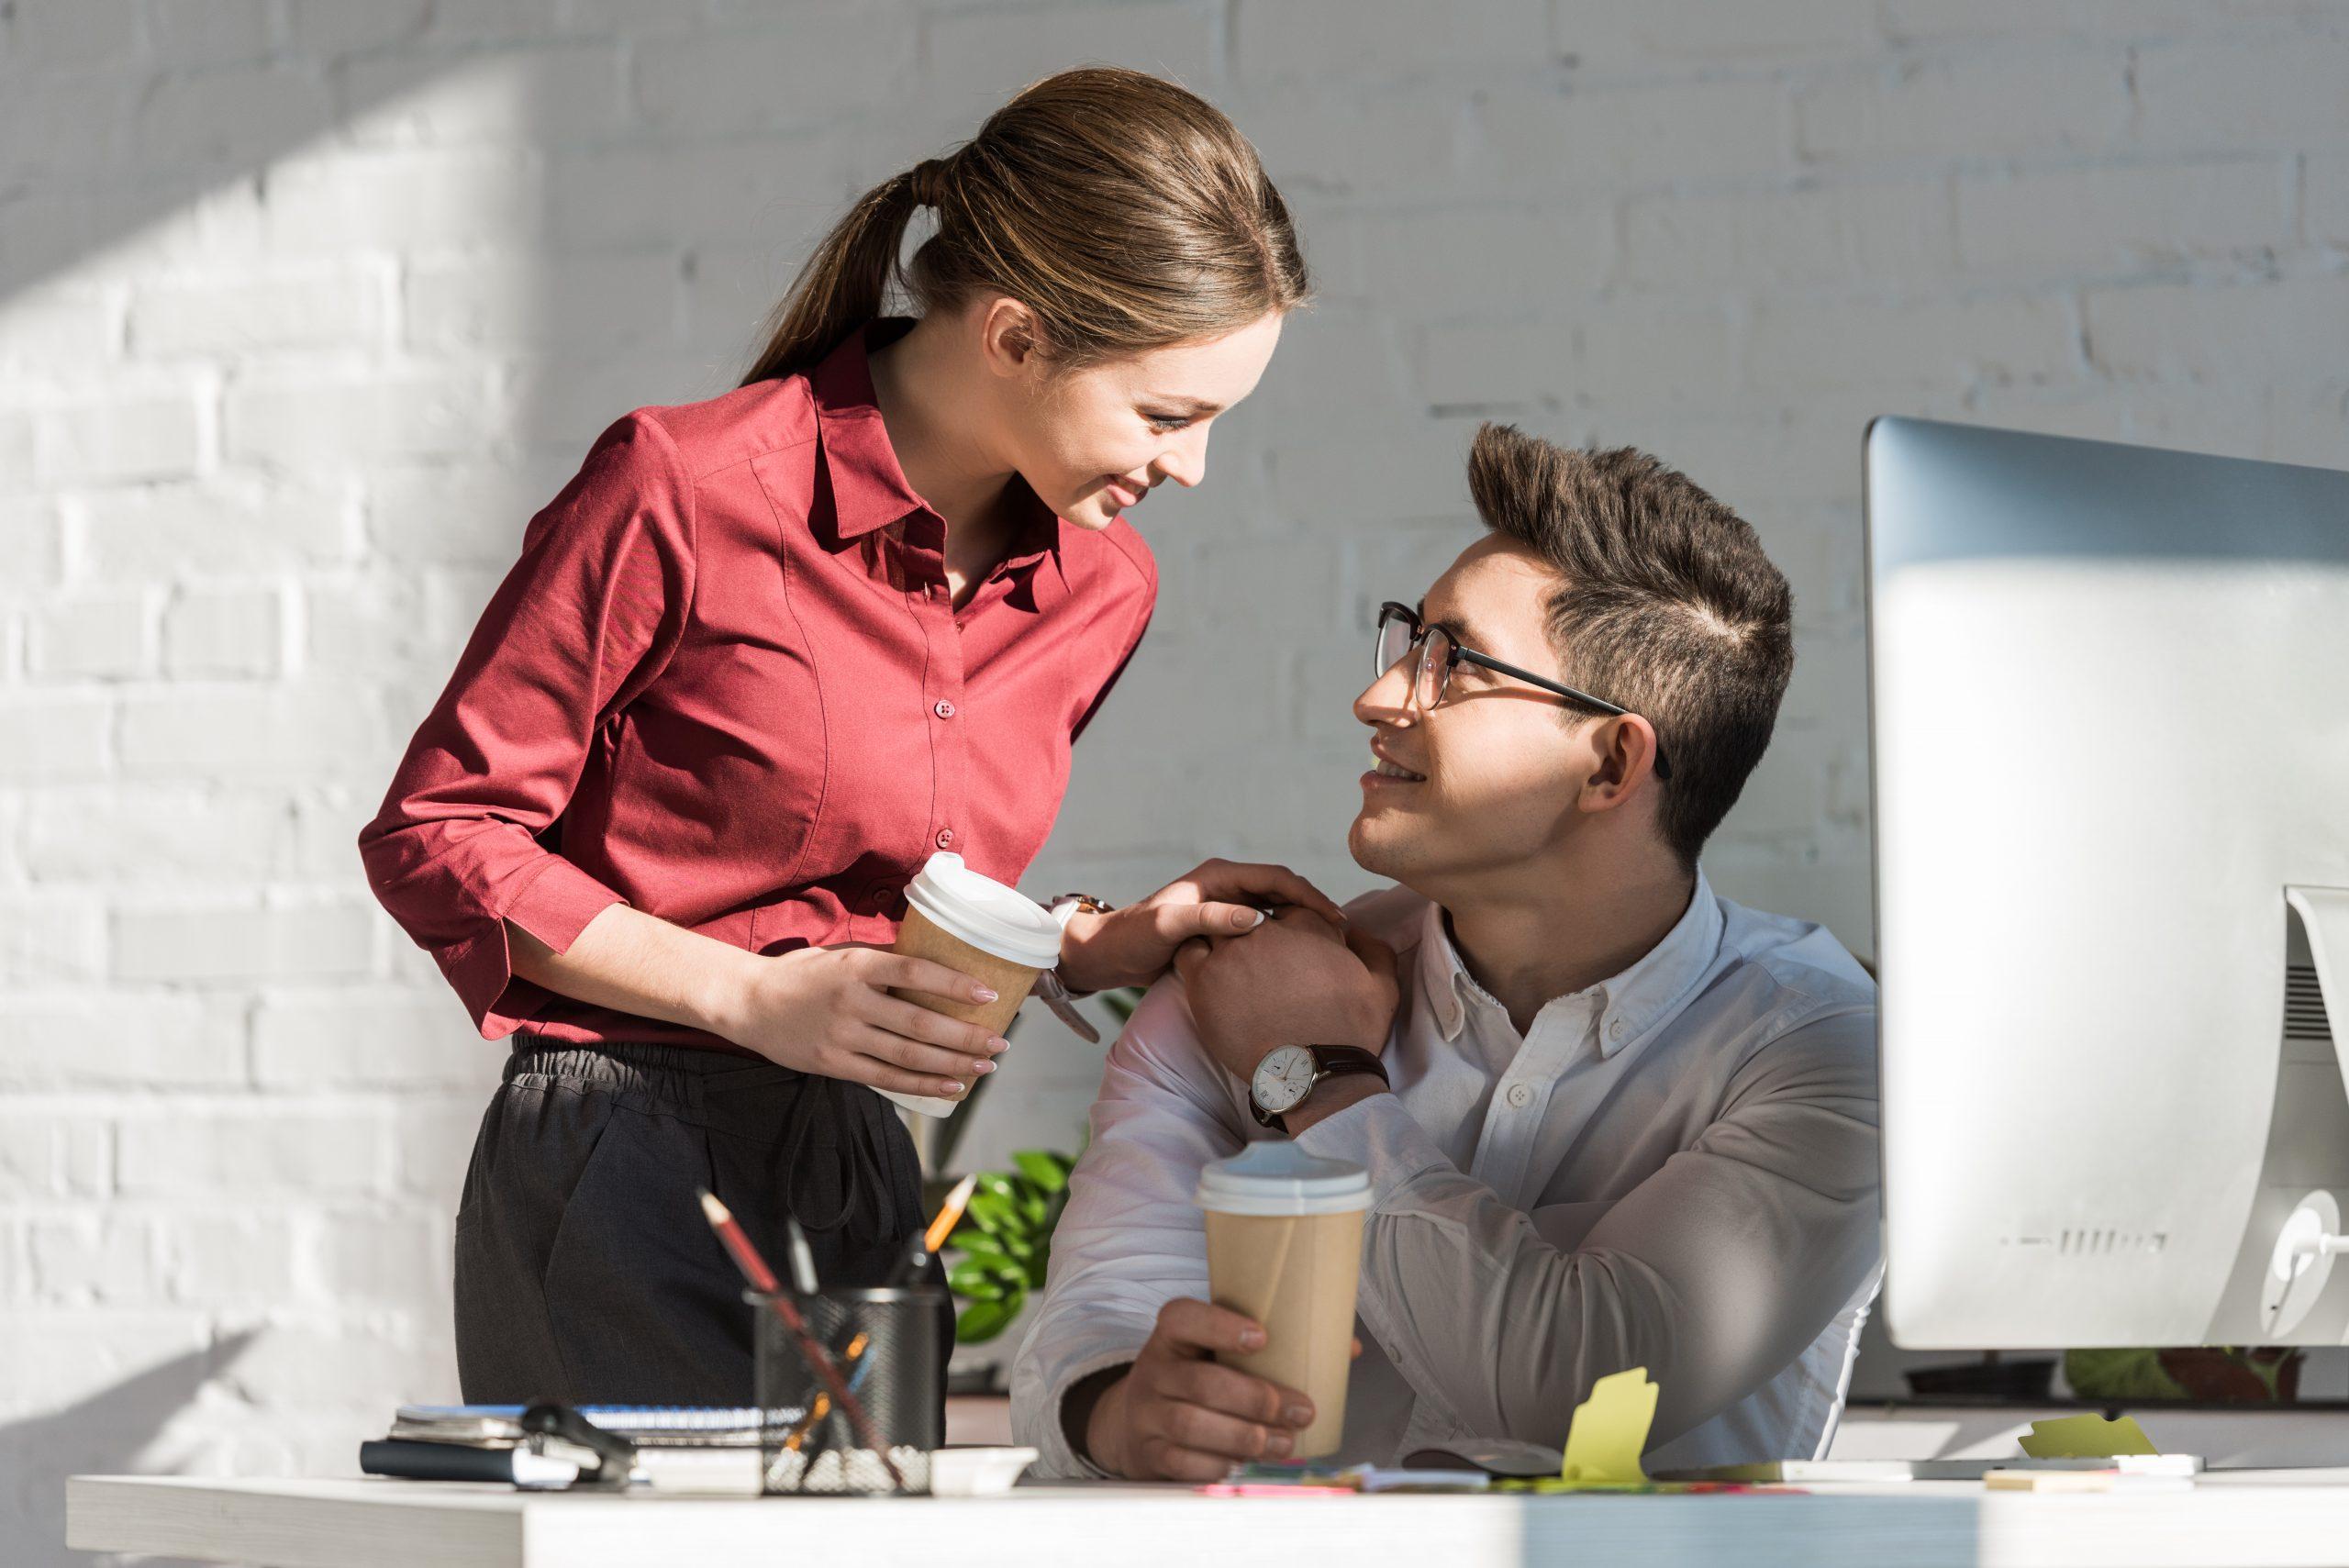 Liebe am Arbeitsplatz - Flirt.de News